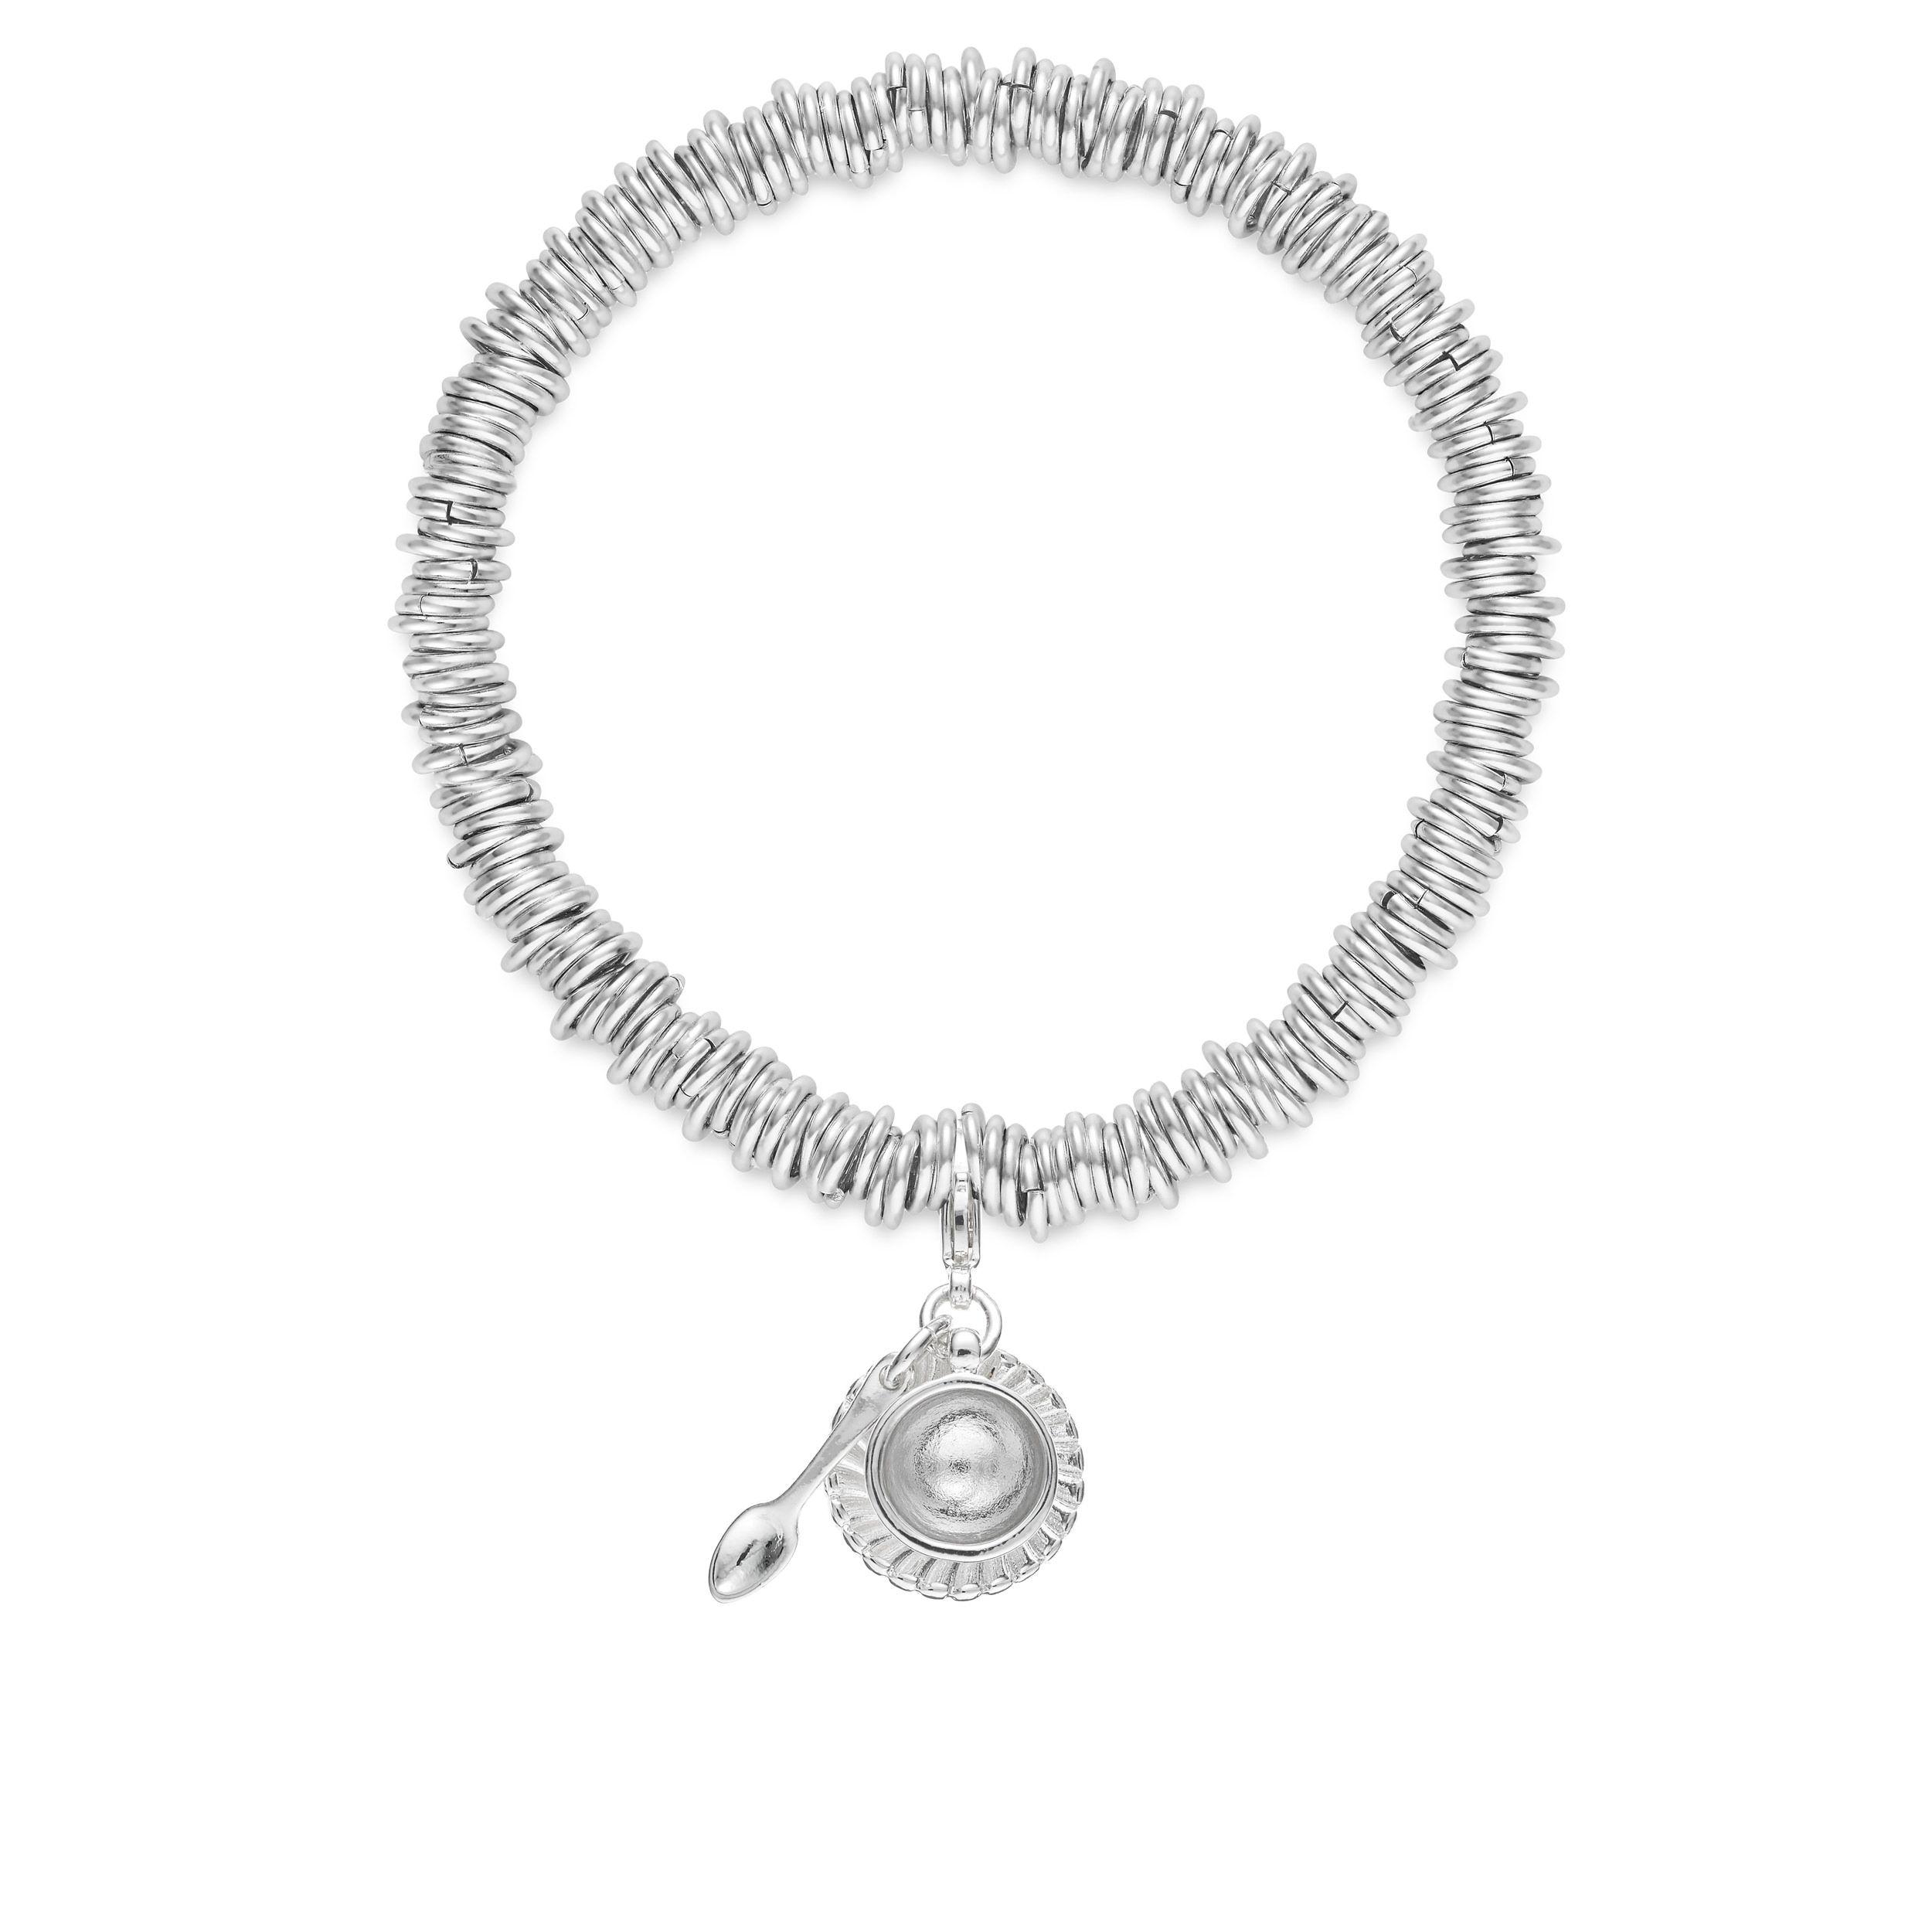 Buckley London Teacup and Saucer Charm Bracelet